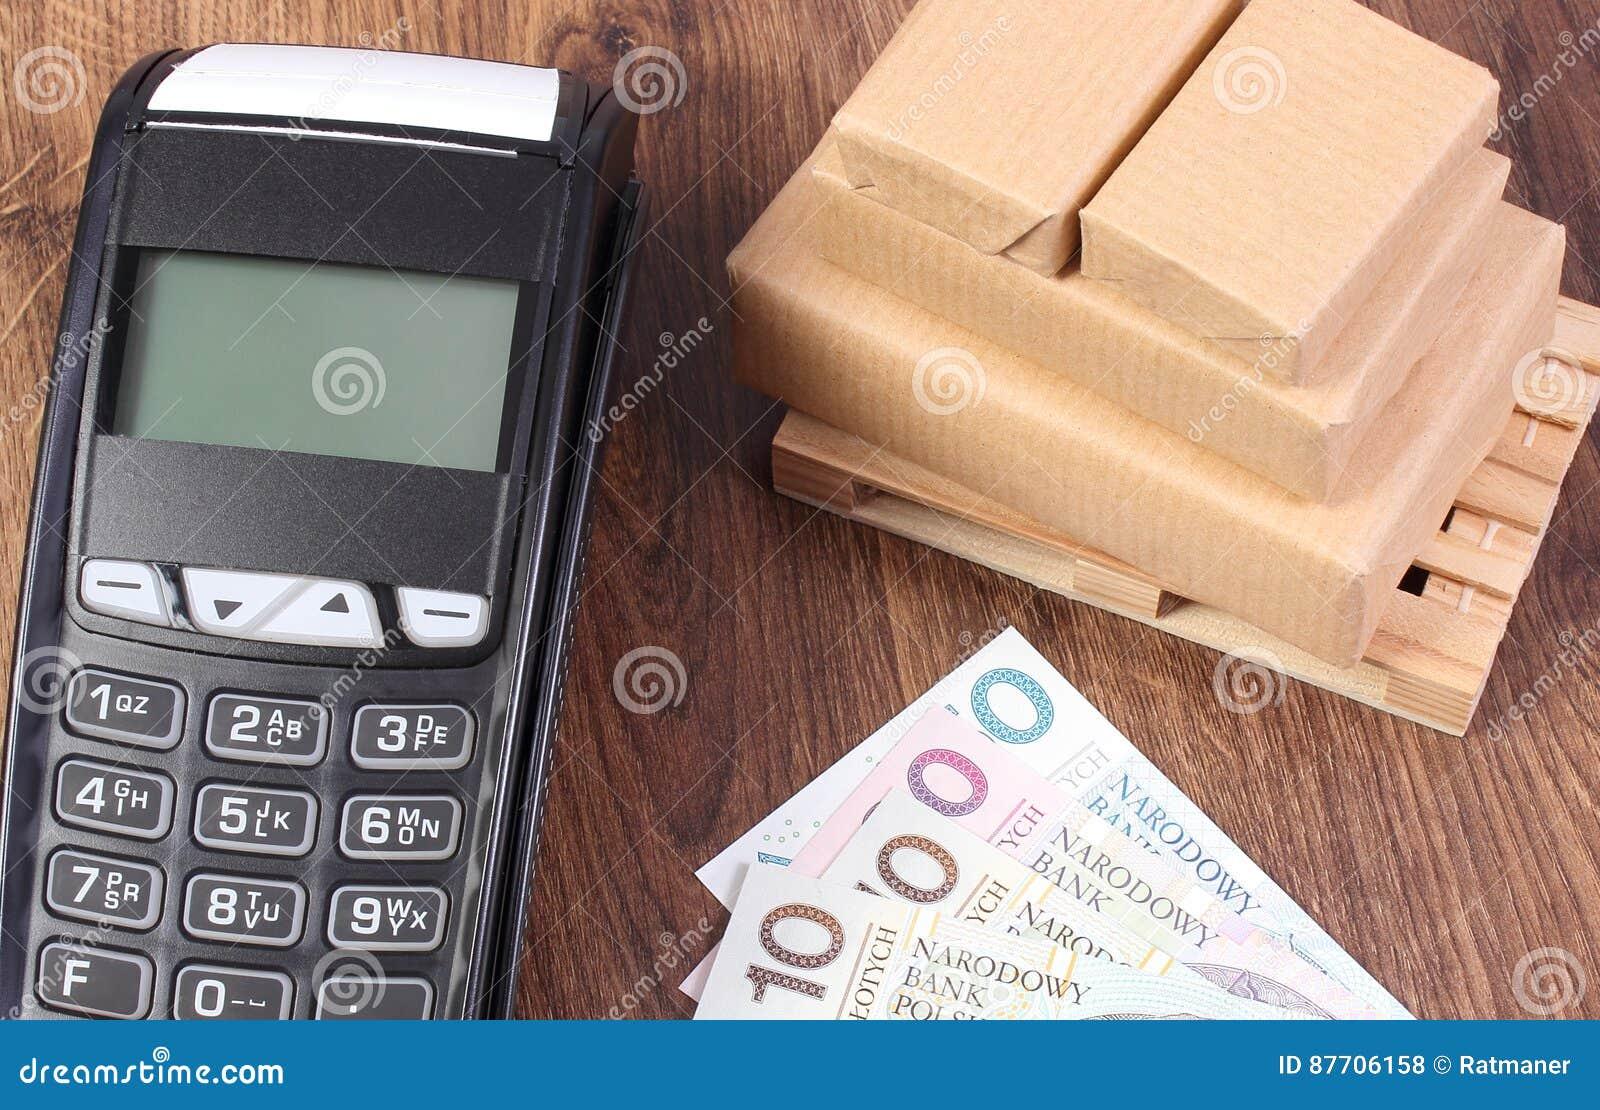 Terminal de paiement, argent polonais de devise et boîtes enveloppées sur la palette en bois